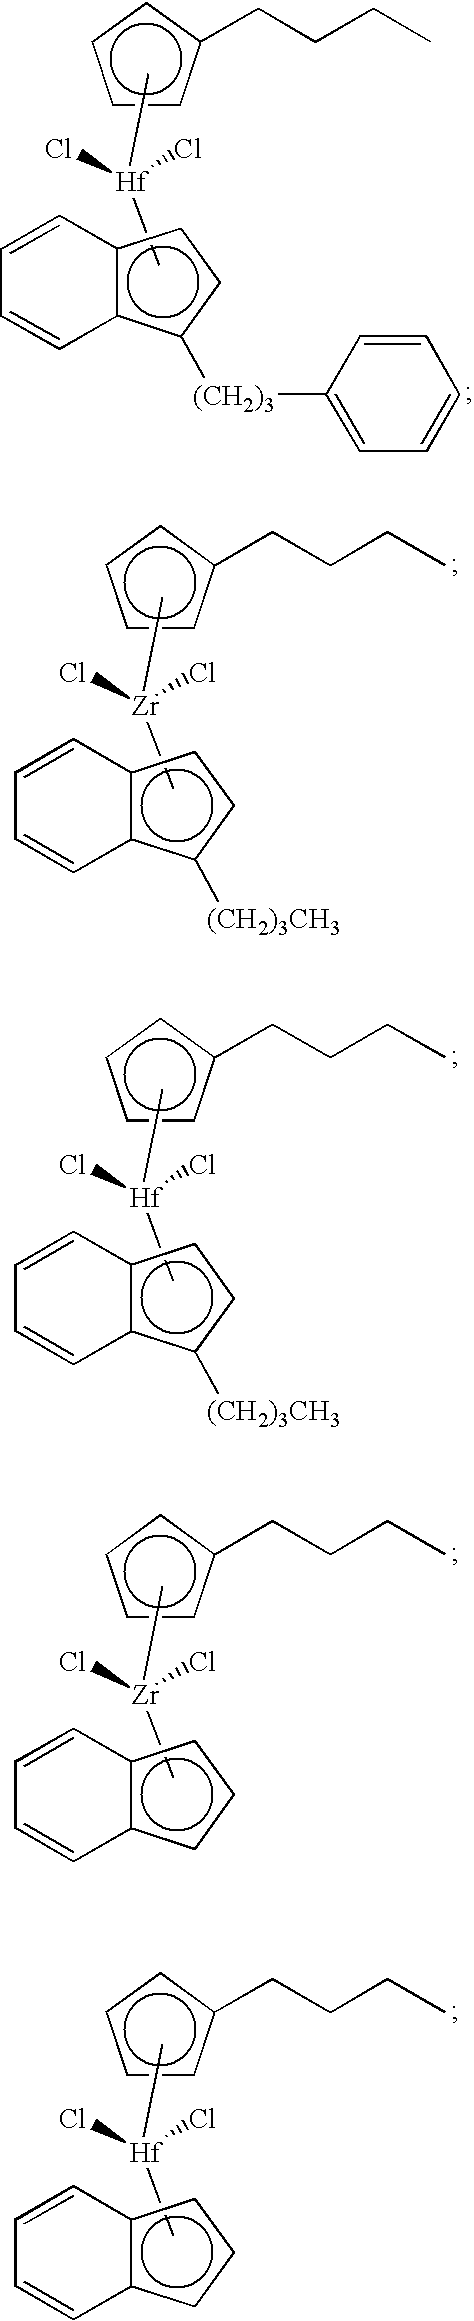 Figure US07226886-20070605-C00037